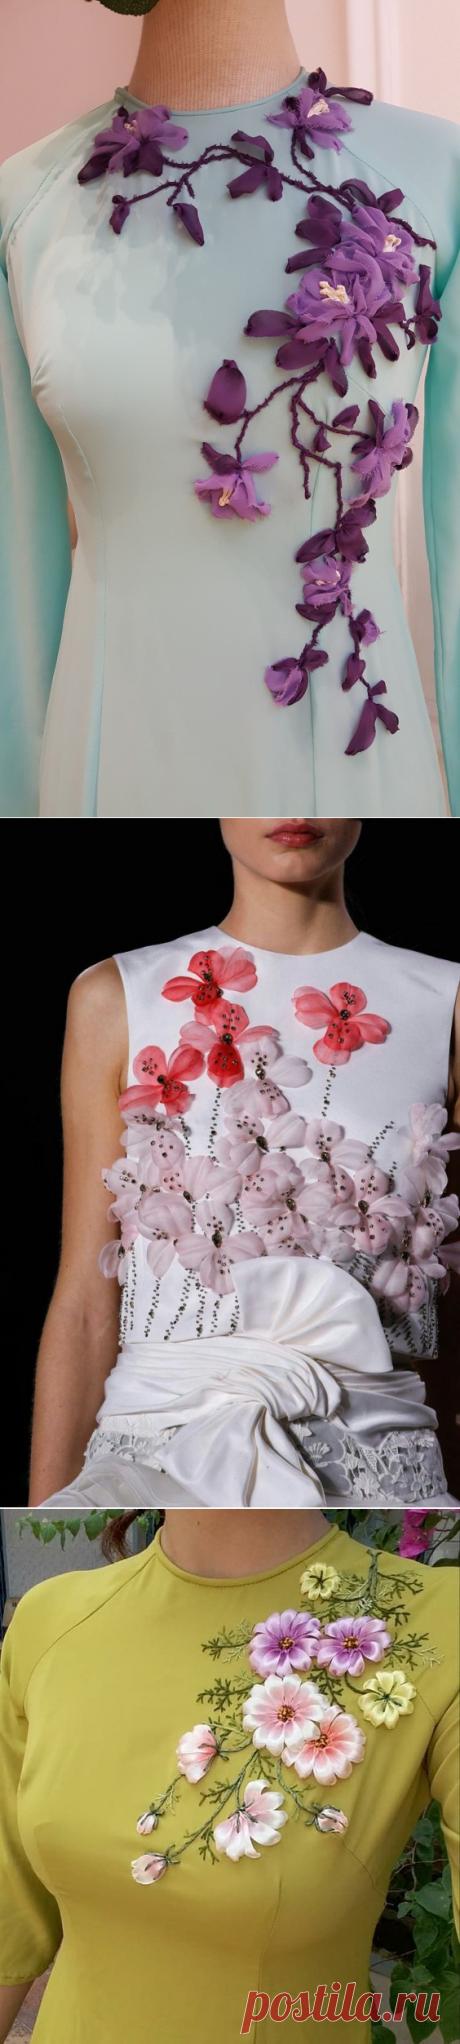 Цветочные идеи для вышивки лентами на вашей одежде: идеи